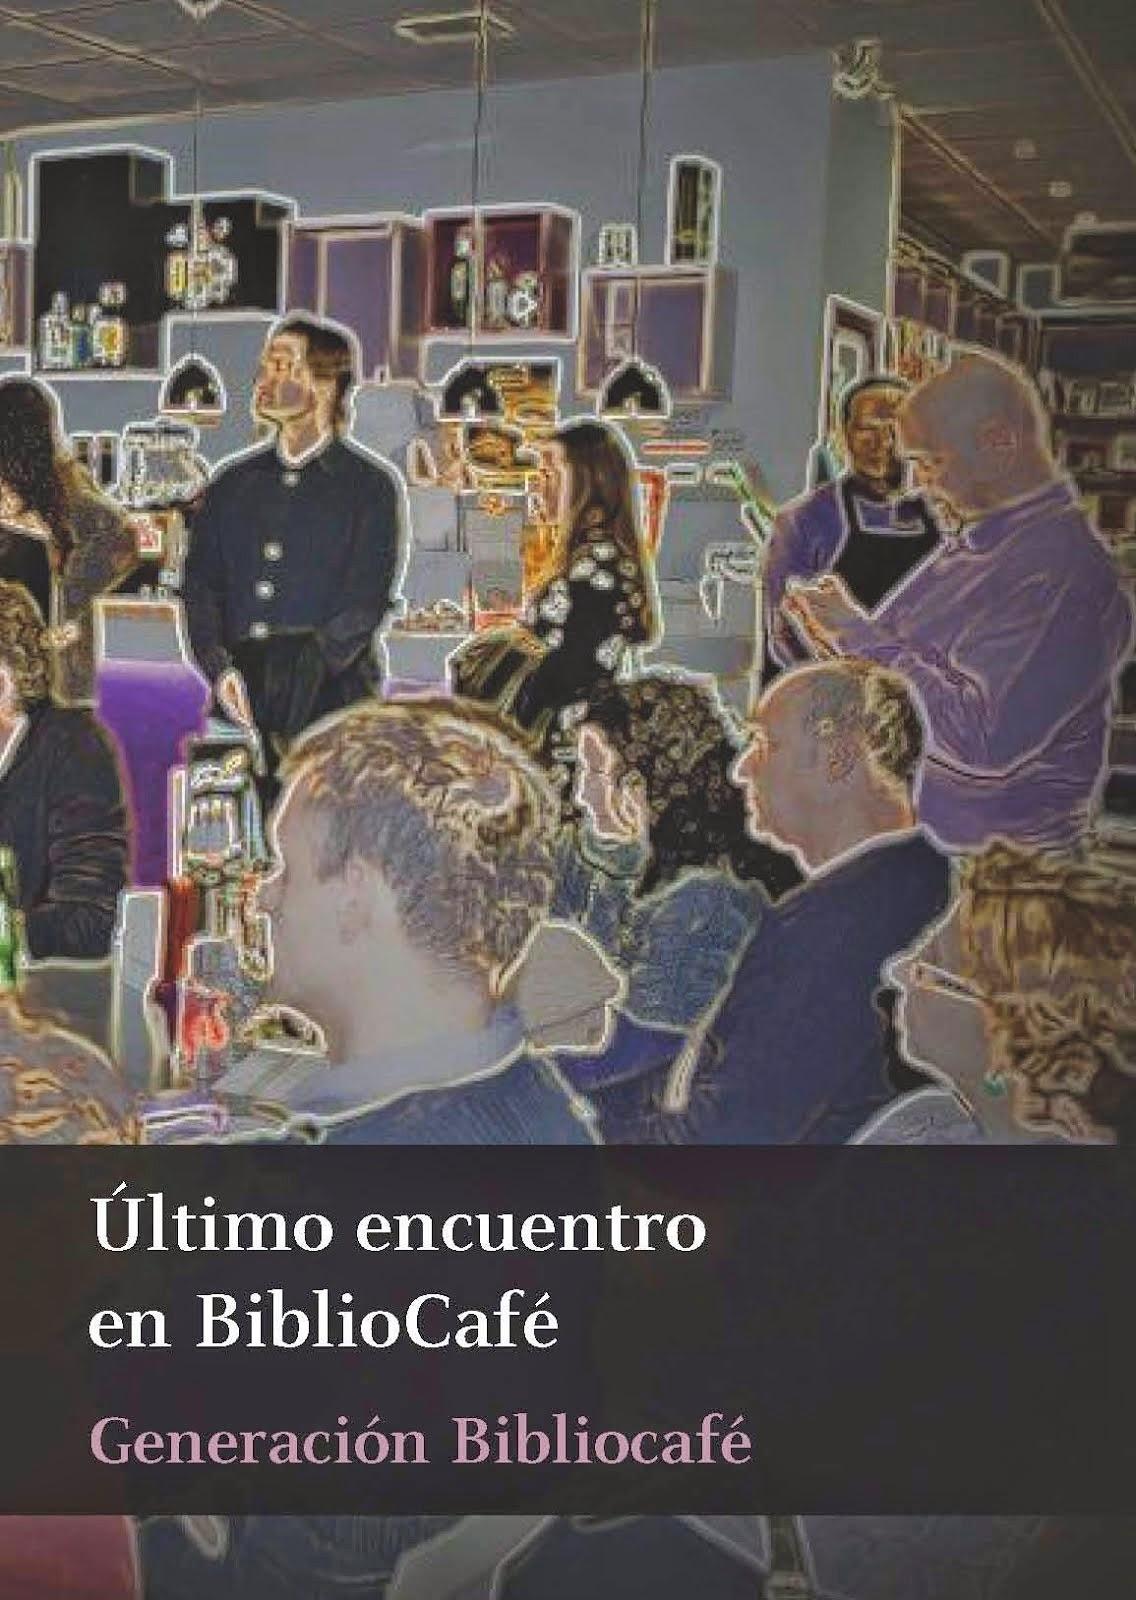 Último encuentro en BiblioCafé